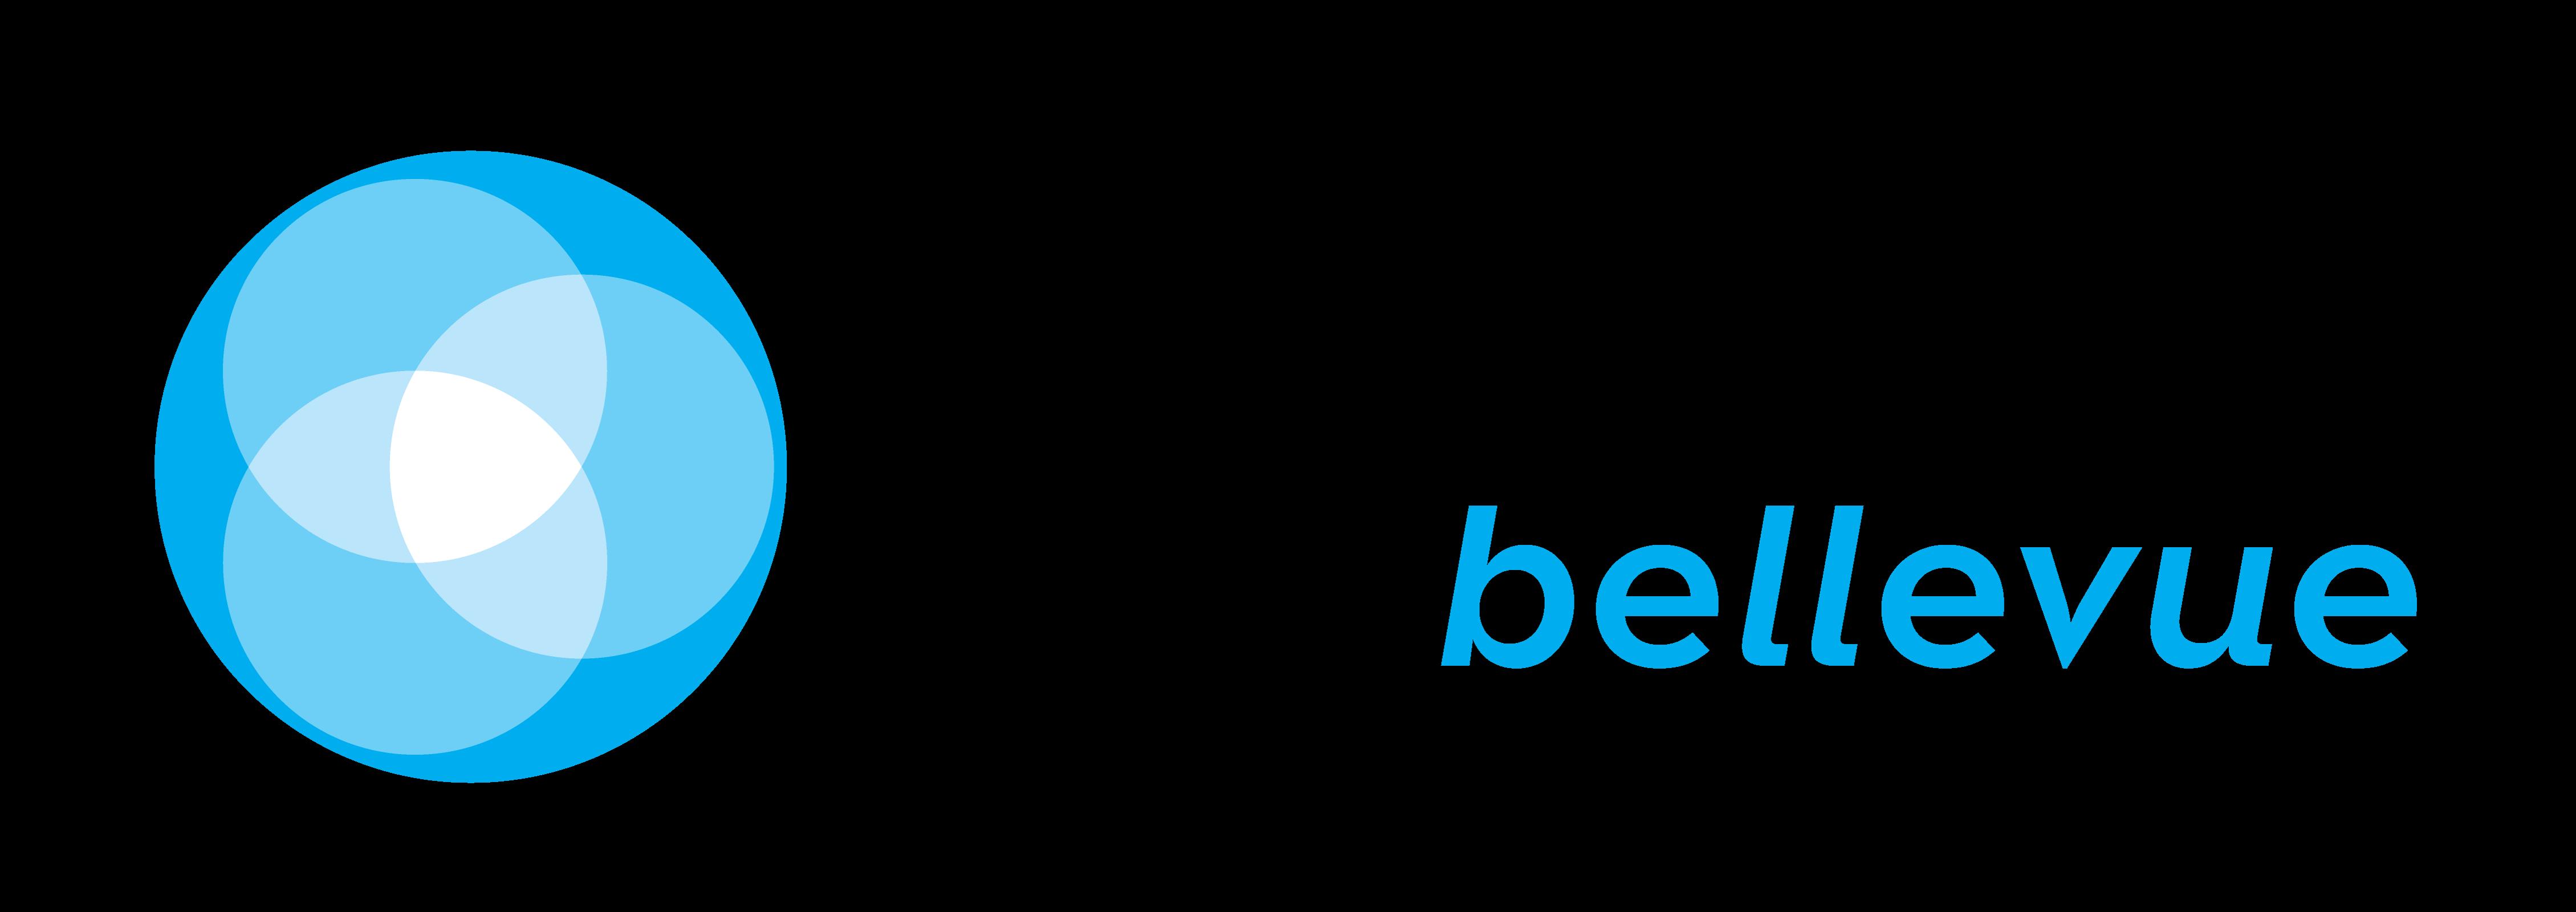 ProductTank Bellevue